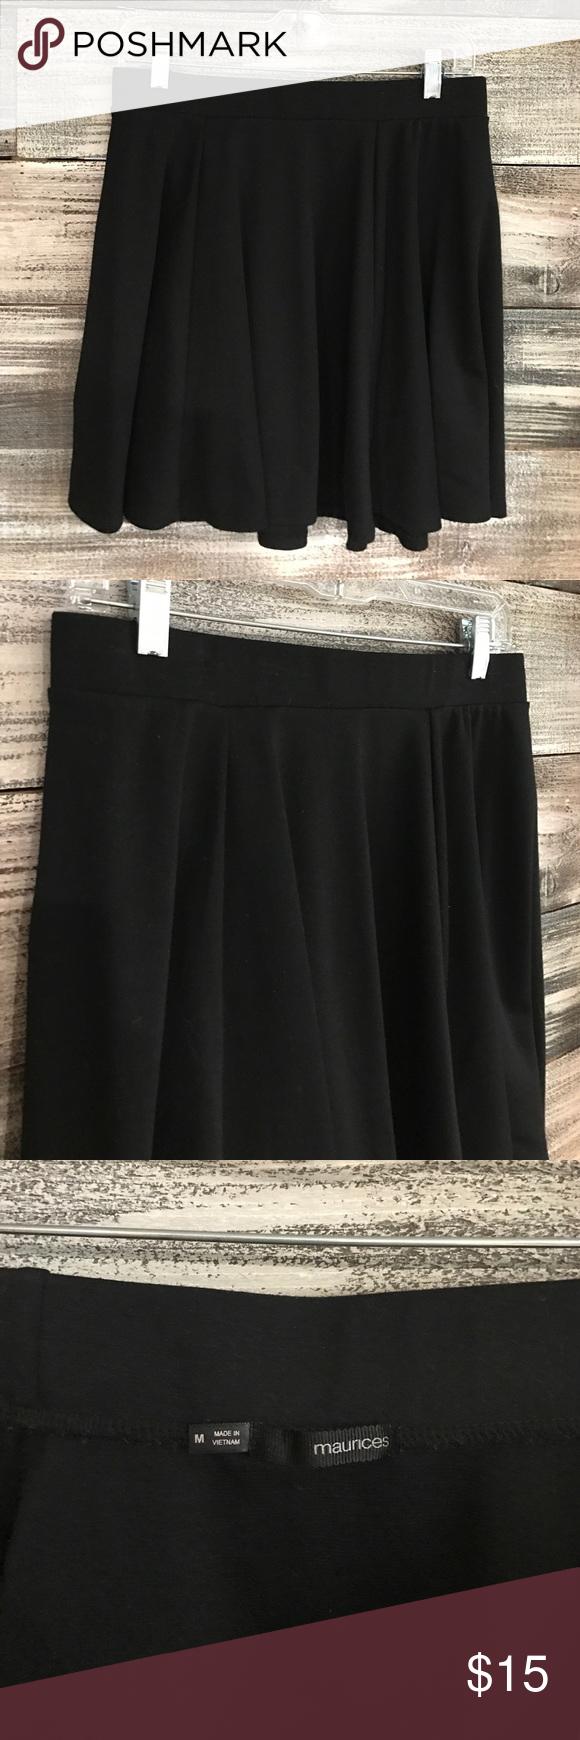 Maurices Black Skater Skirt Black soft stretchy skater skirt. Maurices Skirts Circle & Skater